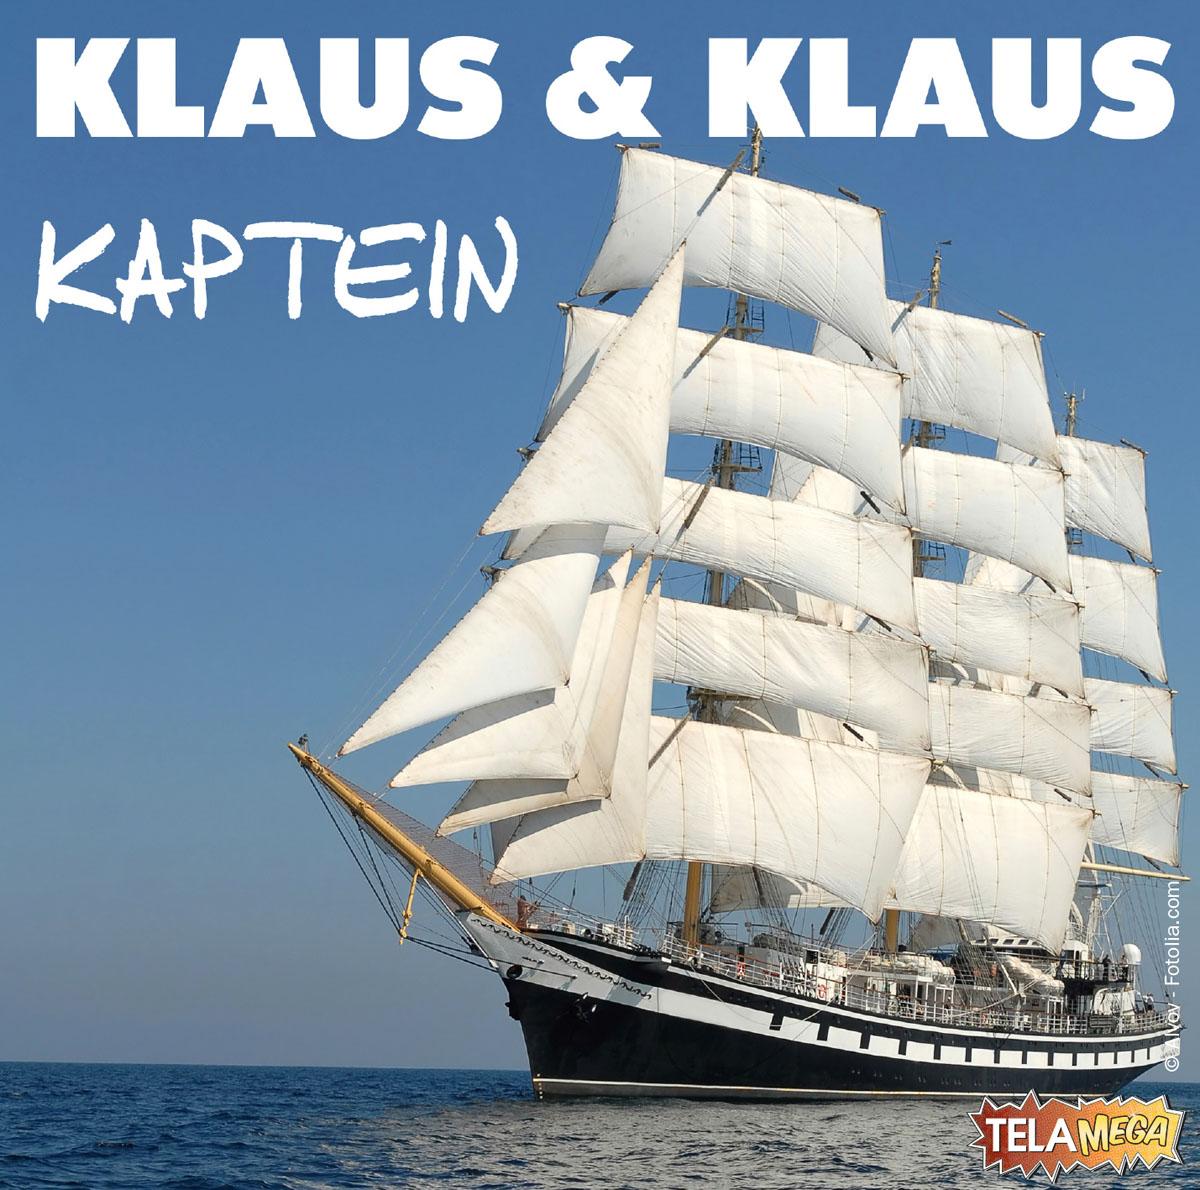 """Gerade haben Klaus & Klaus ihre neue Single """"Kaptein"""" veröffentlicht."""